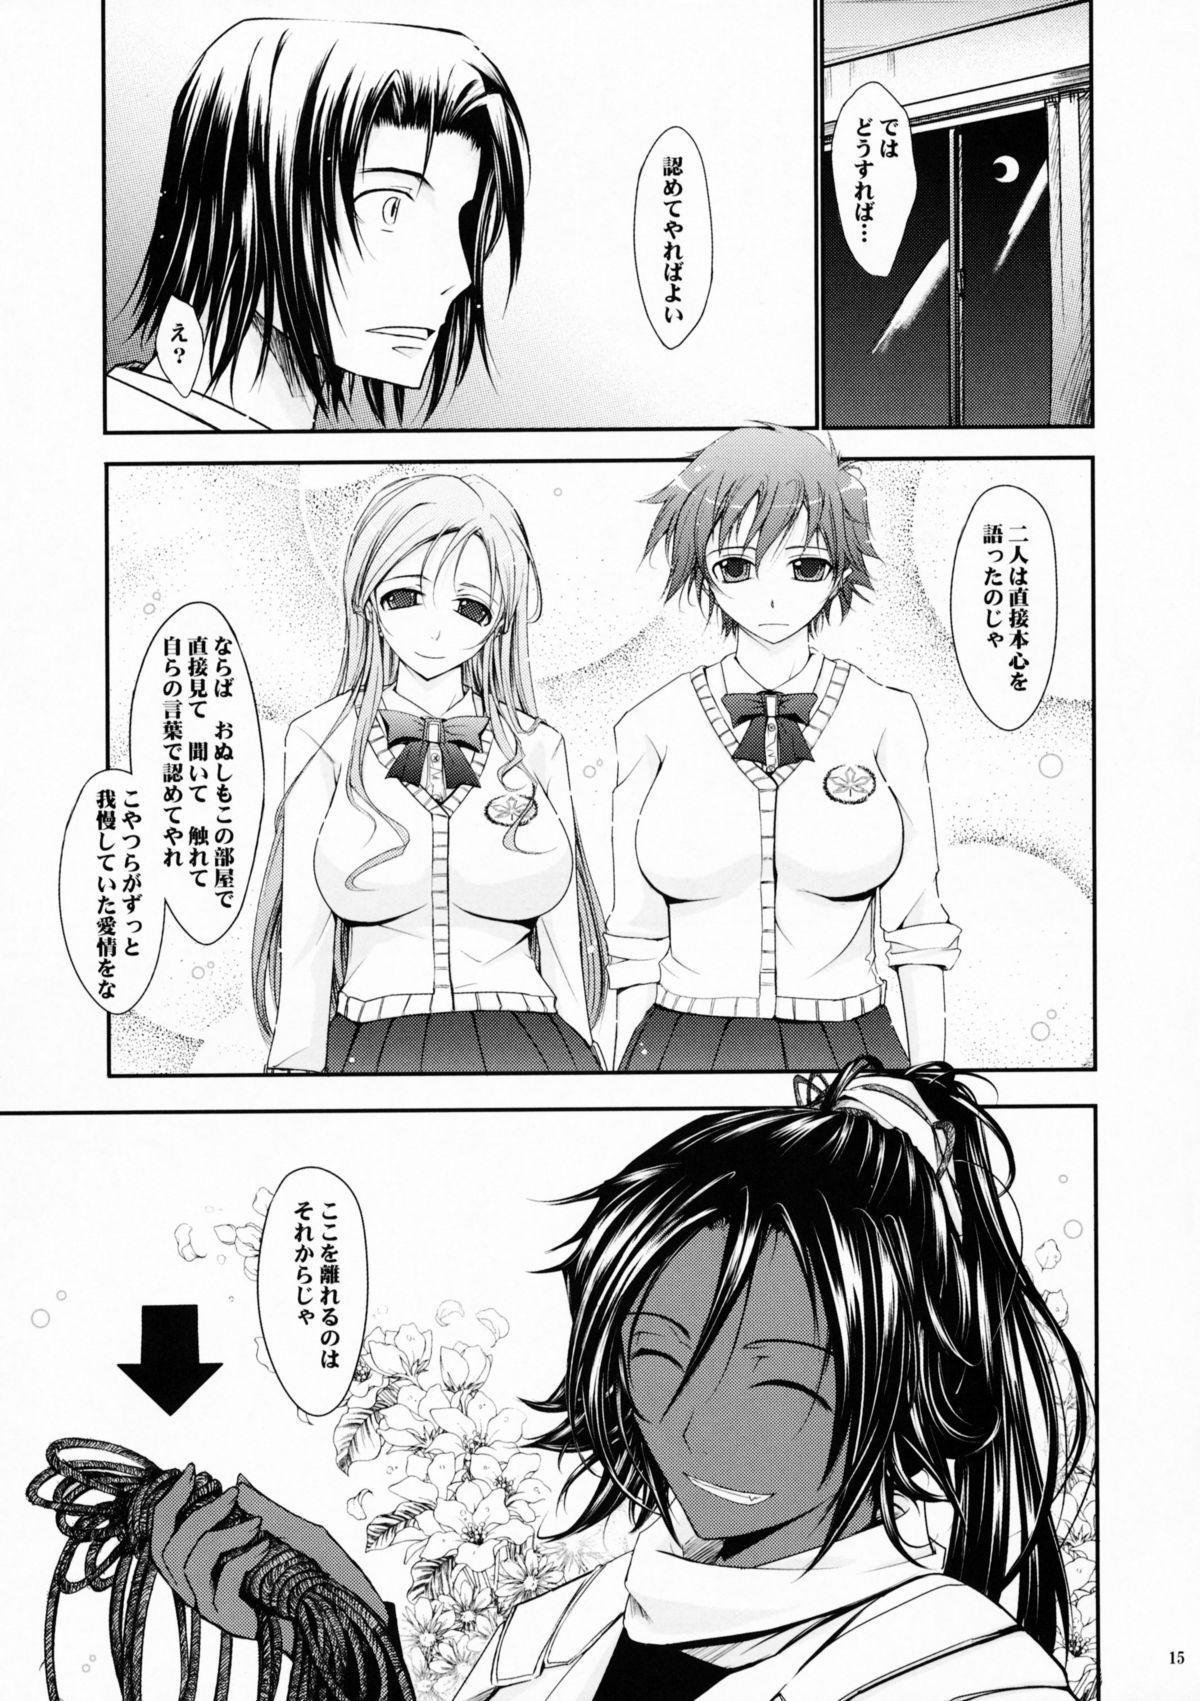 (C75) [Garyuh Chitai (TANA)] Aki-Akane -Kouhen 1- (Bleach) 13